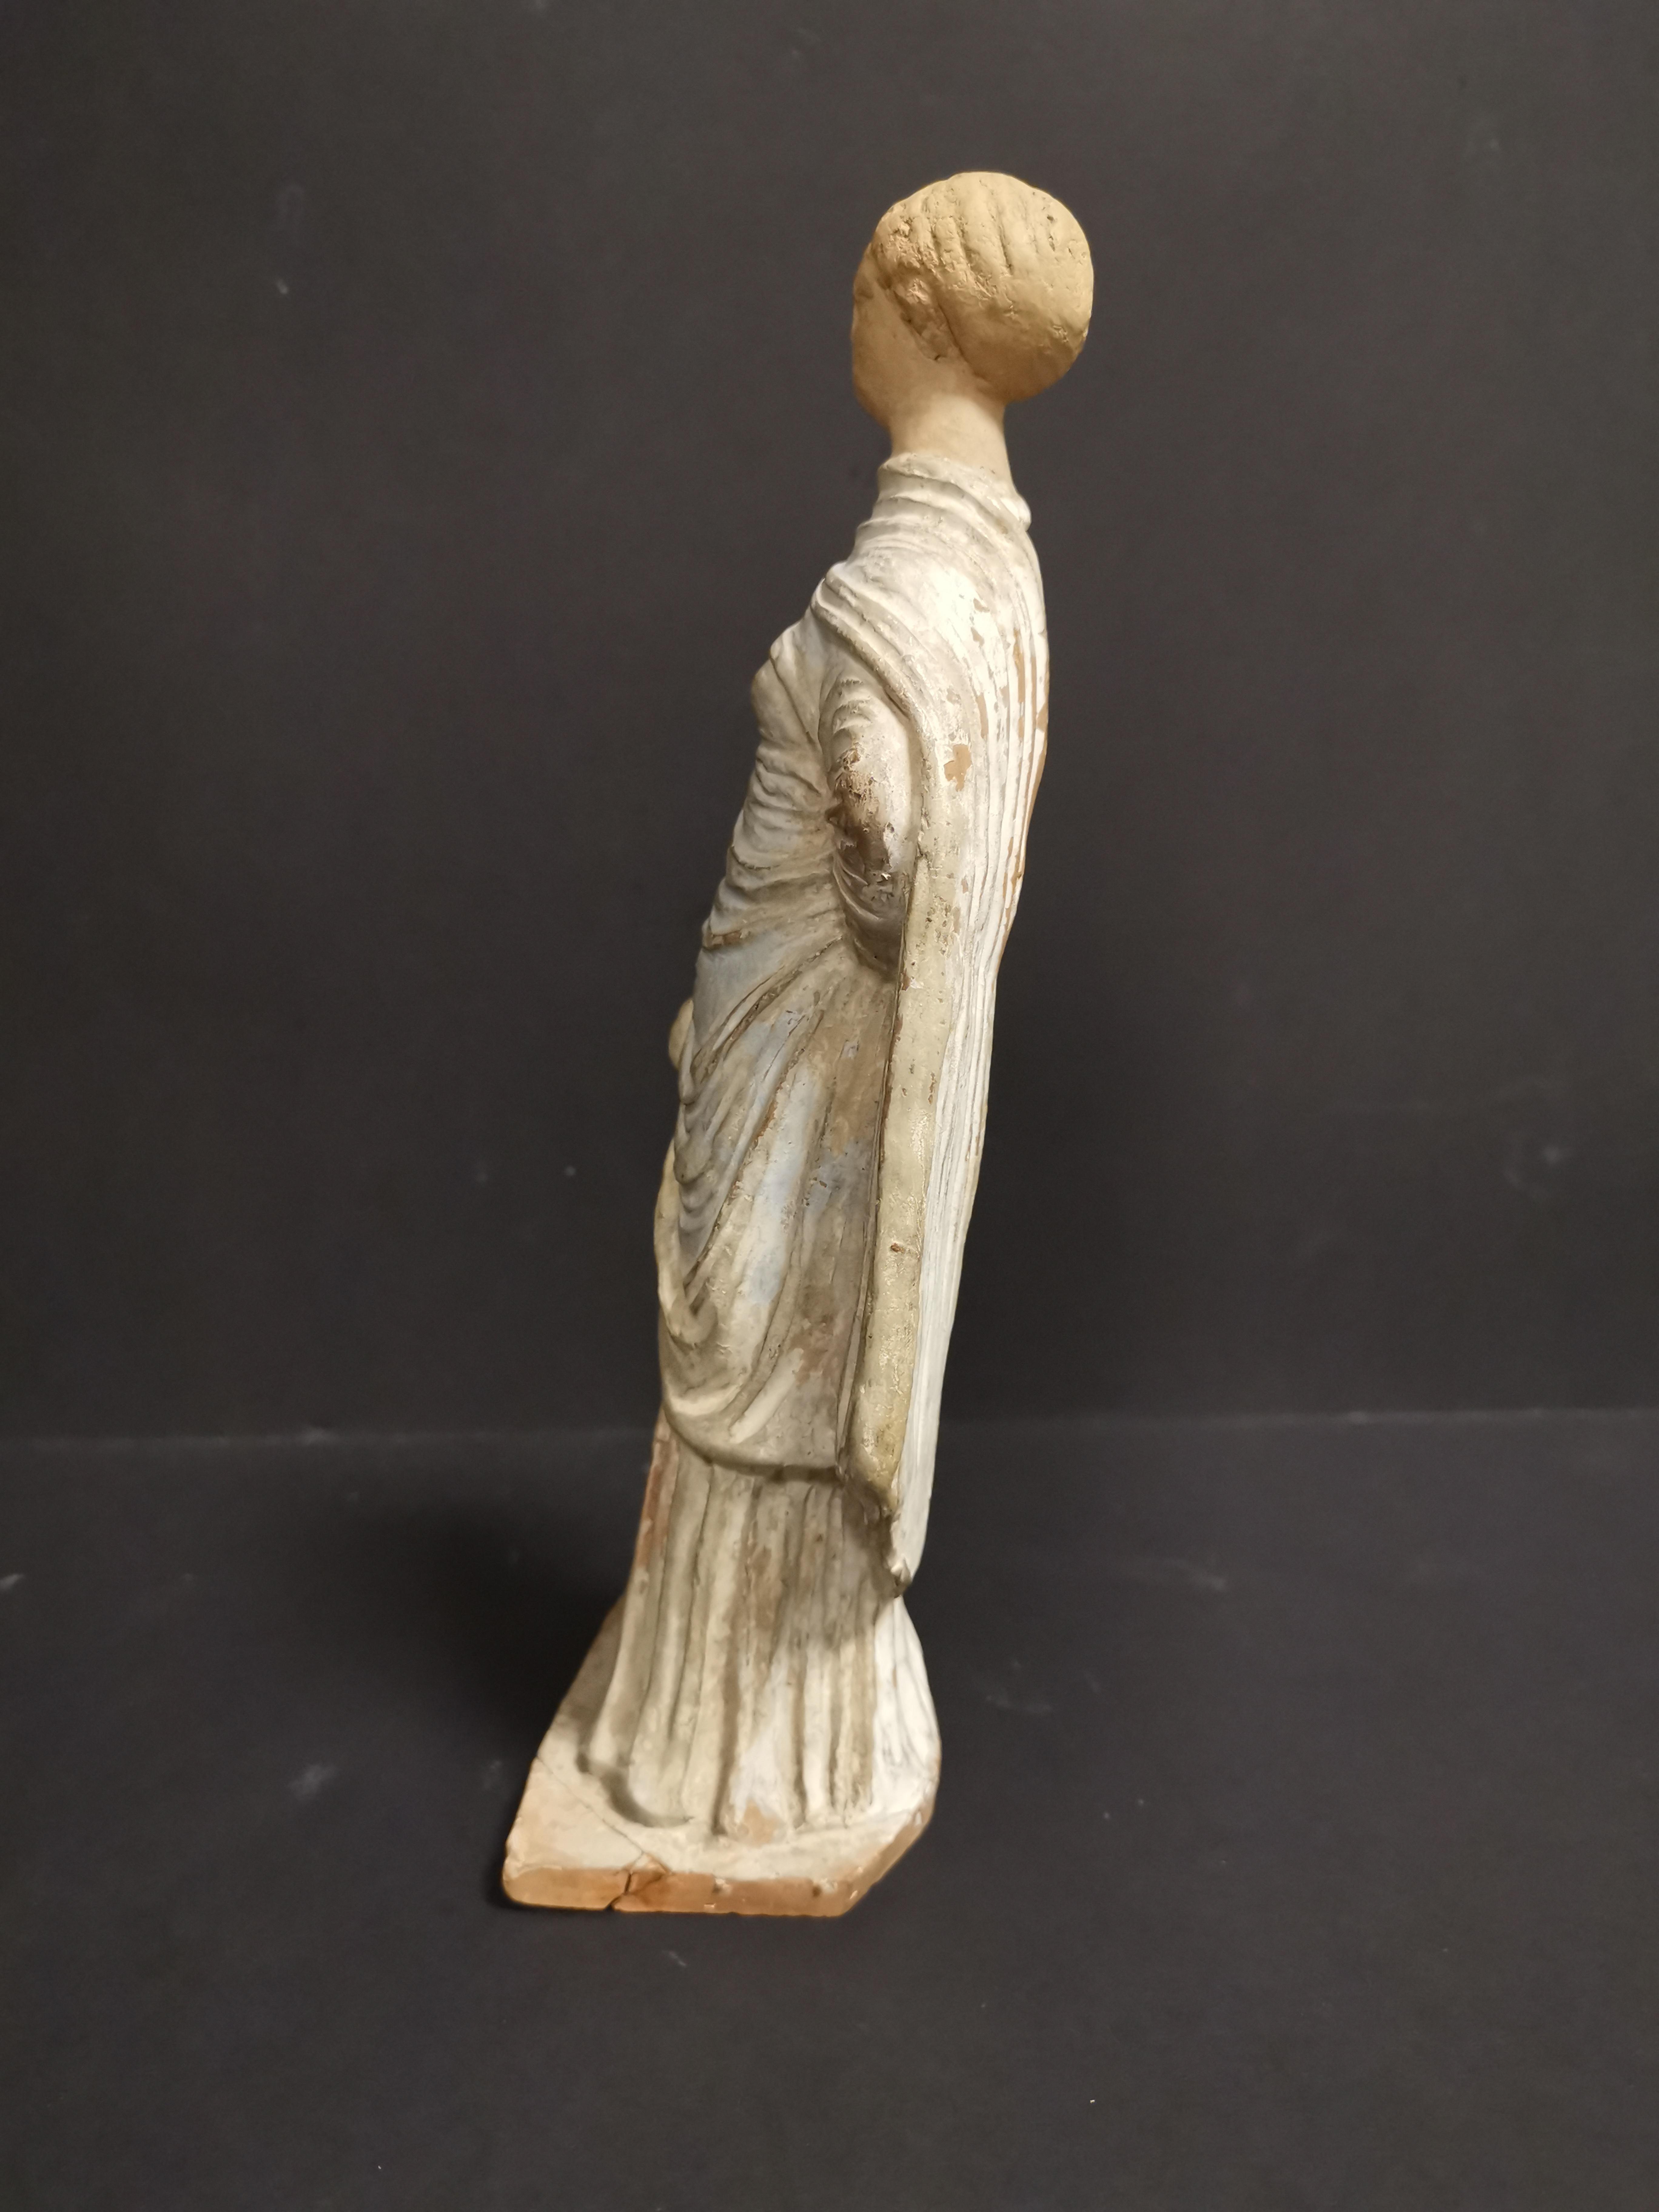 GRECE, dans le goût de. Tanagra en terre cuite représentant un personnage féminin [...] - Image 4 of 8